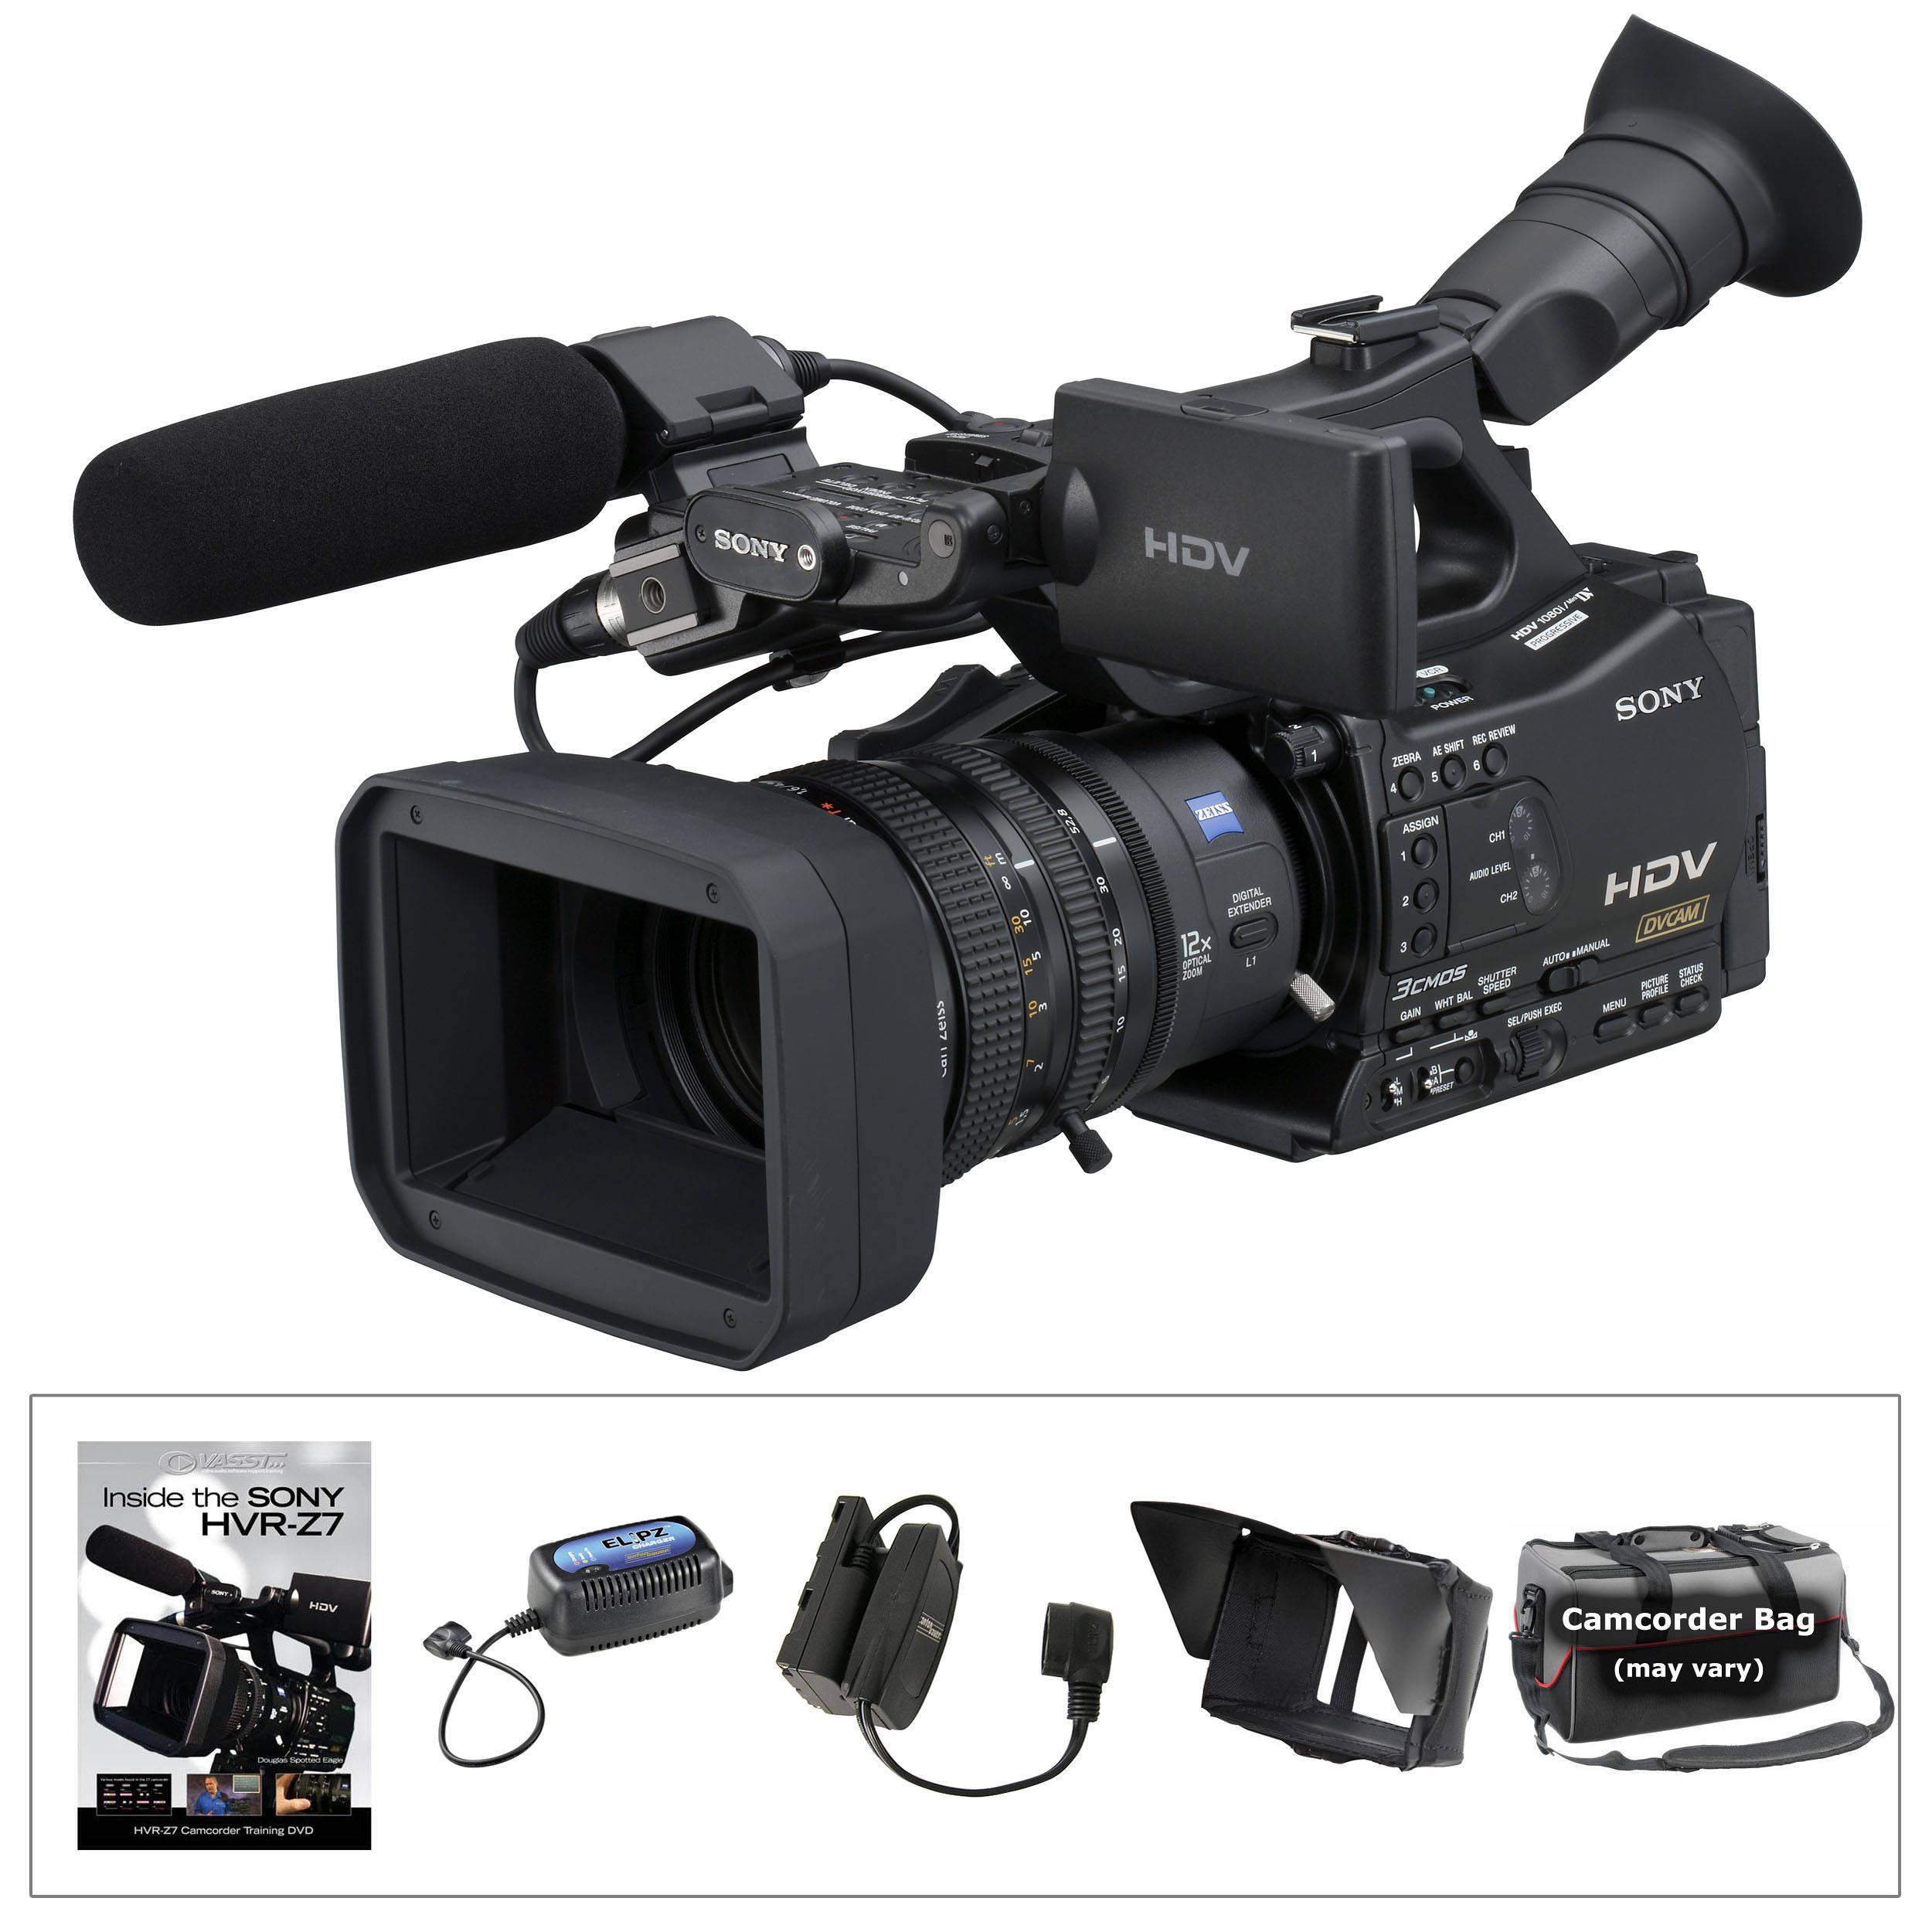 sony hvr z7u hdv camcorder elipz kit b h photo video rh bhphotovideo com sony hvr-z7 service manual sony hvr-z7 service manual